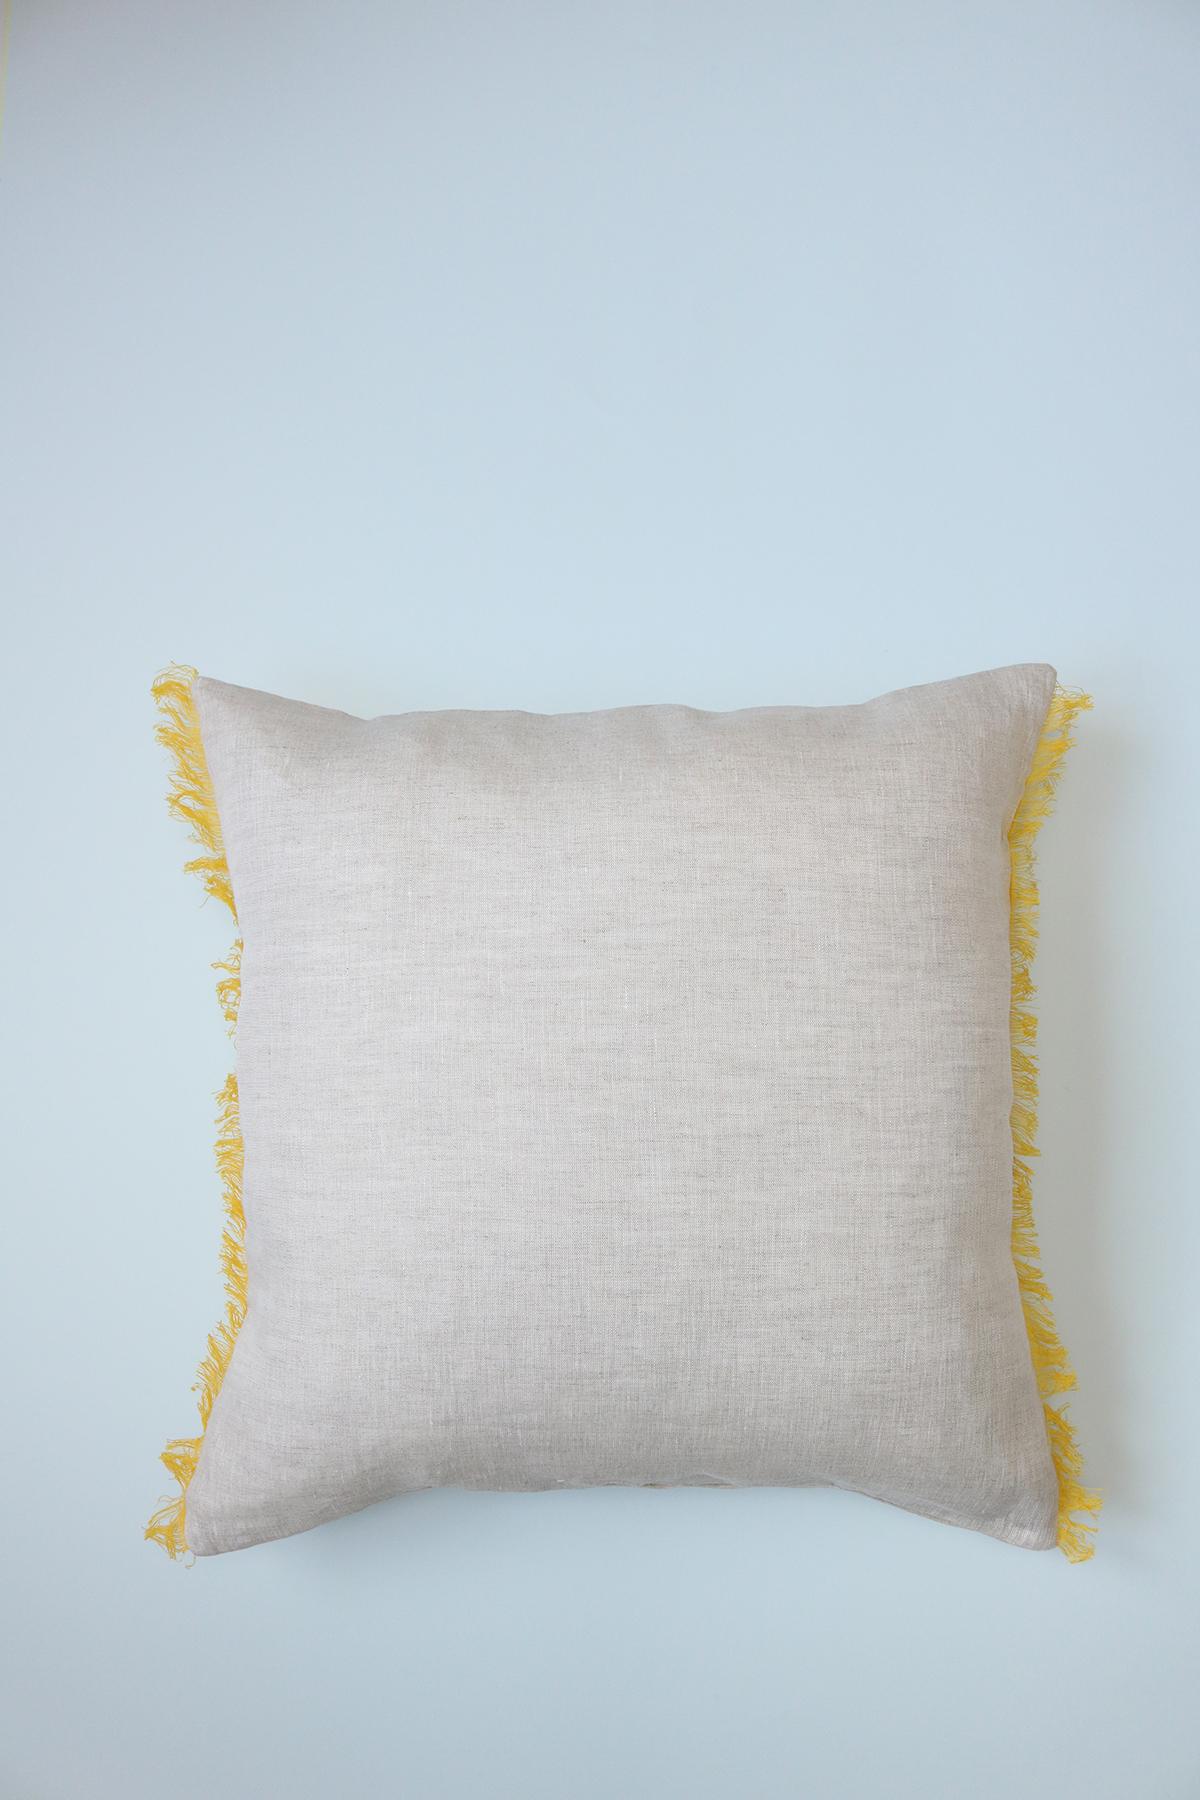 Voici la housse de coussin en lin Carmen, beige à franges jaunes sur les côtés.